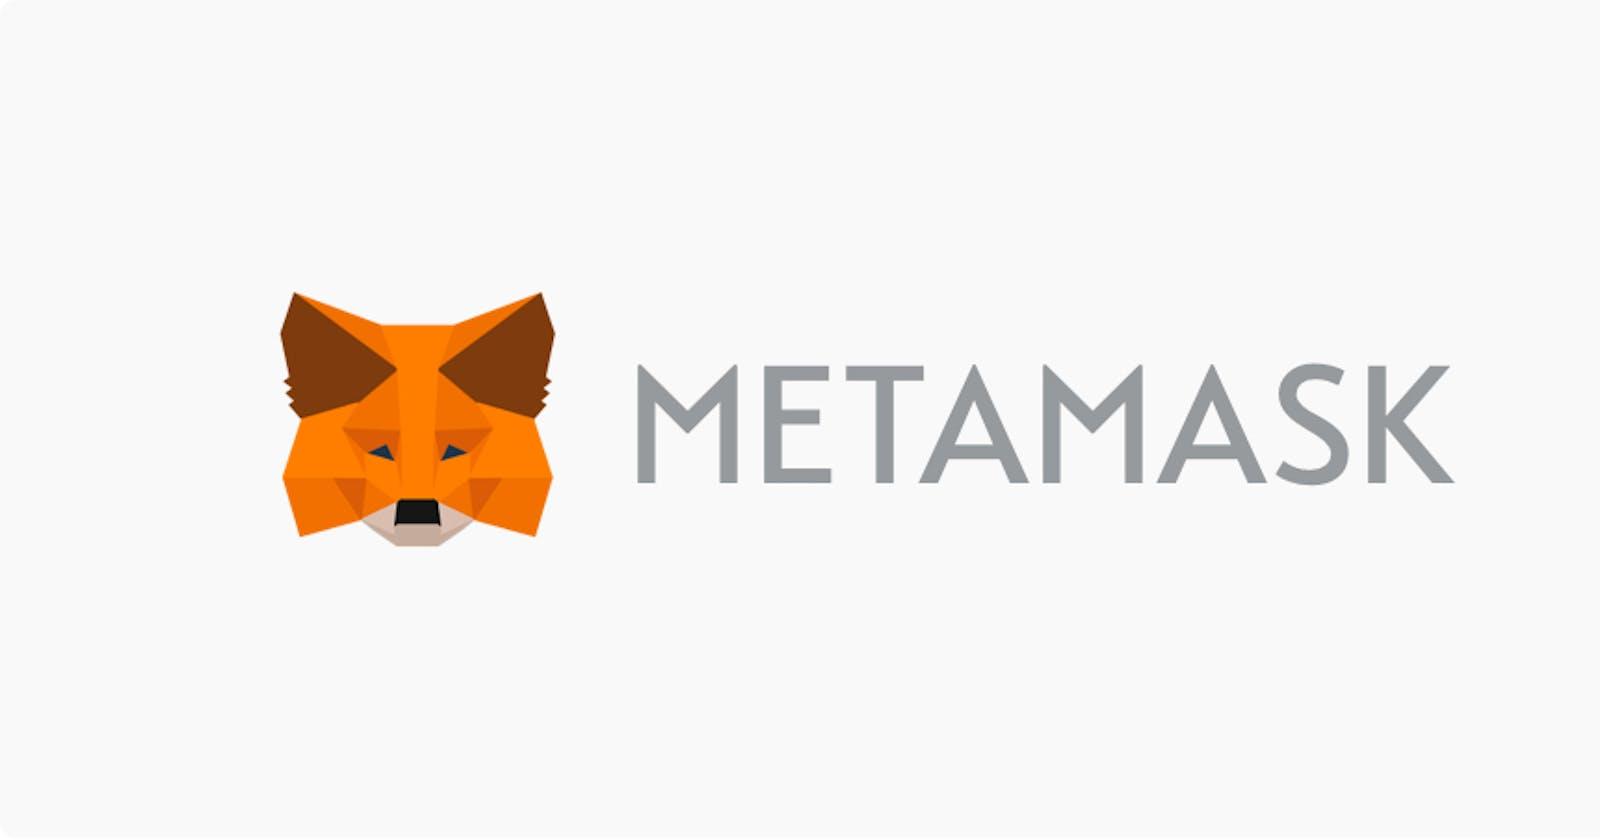 #03 - Có 1 ví tiền mã hoá cho riêng mình - Ví Metamask